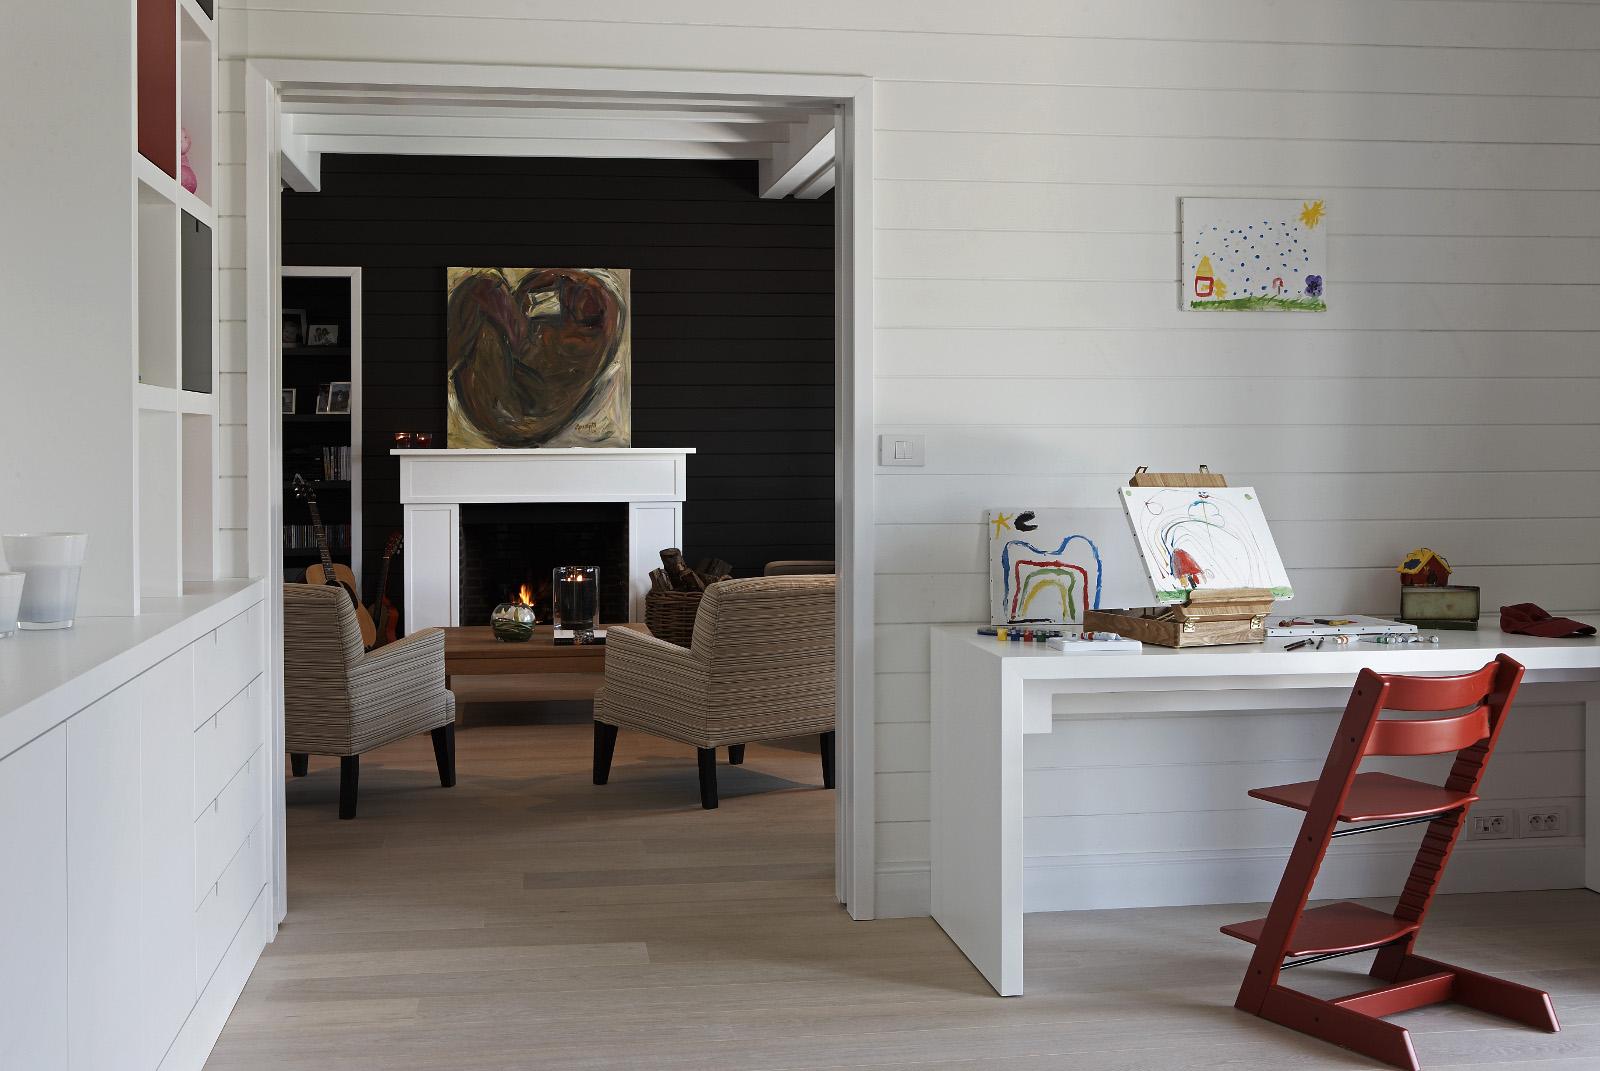 Designerskie mieszkanie w kopenhaskim stylu